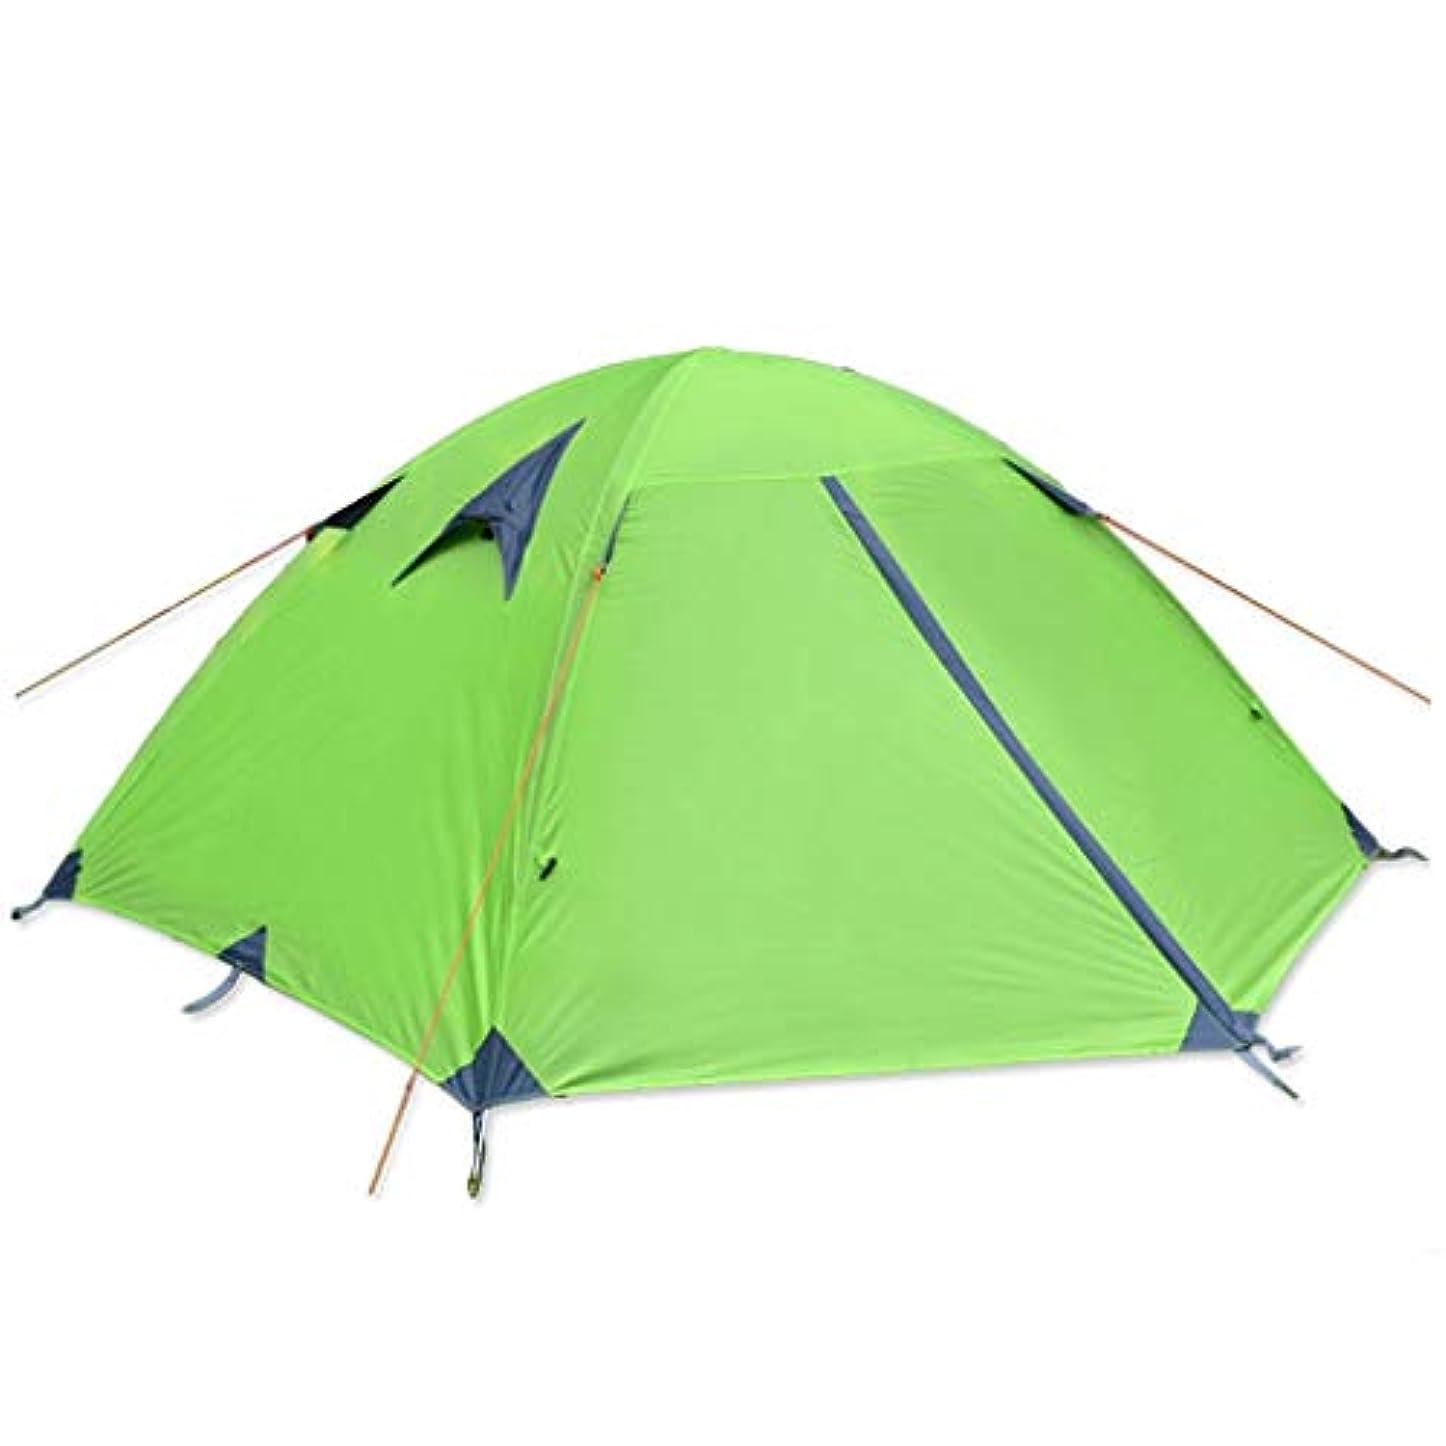 膜知人IDWOI テント キャンプテント2-3人二重層家族テント屋外防雨軽量ドームテントカップルテント、2色 (Color : Green)